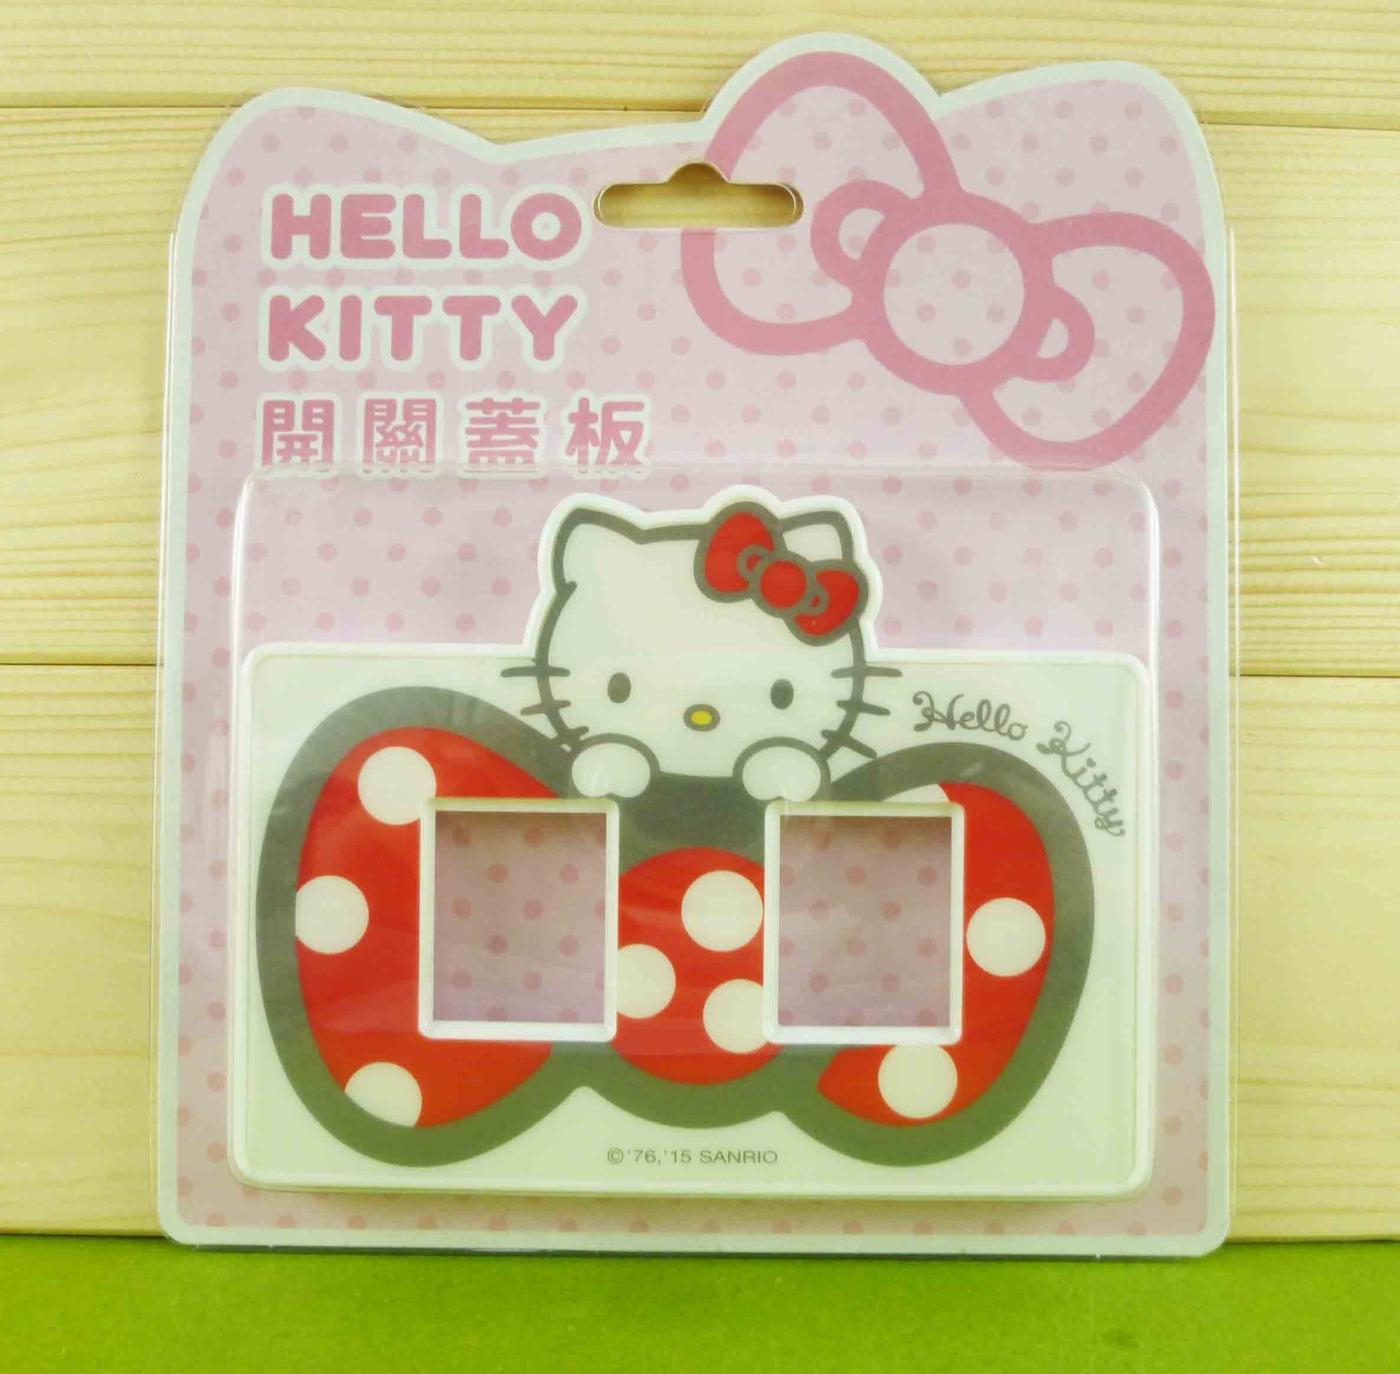 【震撼精品百貨】Hello Kitty 凱蒂貓~開關蓋面板-兩孔-紅色蝴蝶結【共1款】